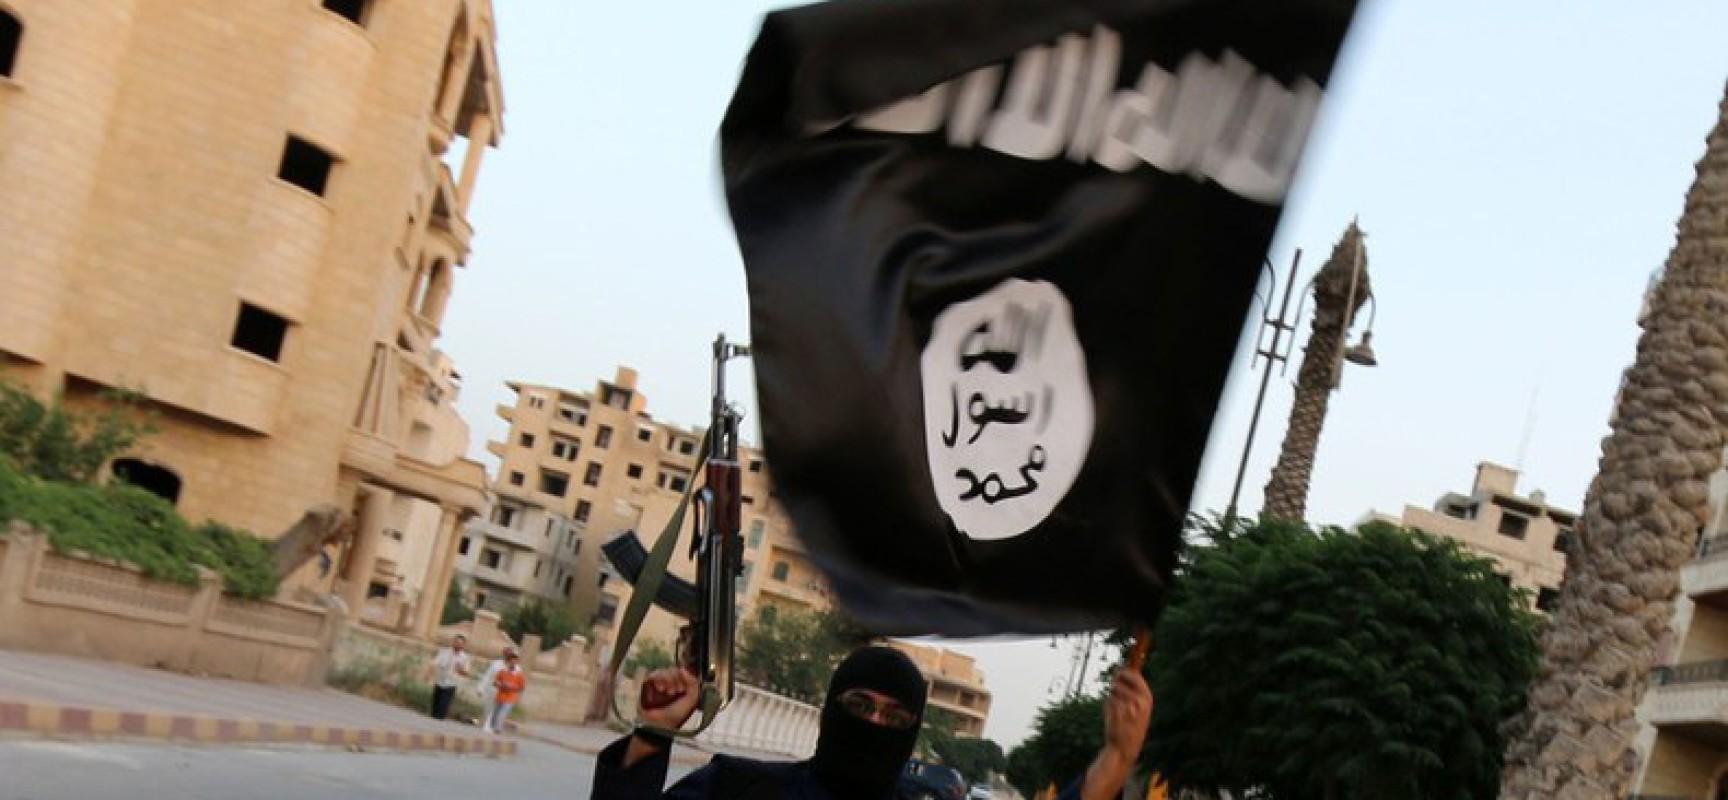 L'Etat islamique a-t-il été payé pour quitter Mossoul et s'emparer de Deir Ezzor?